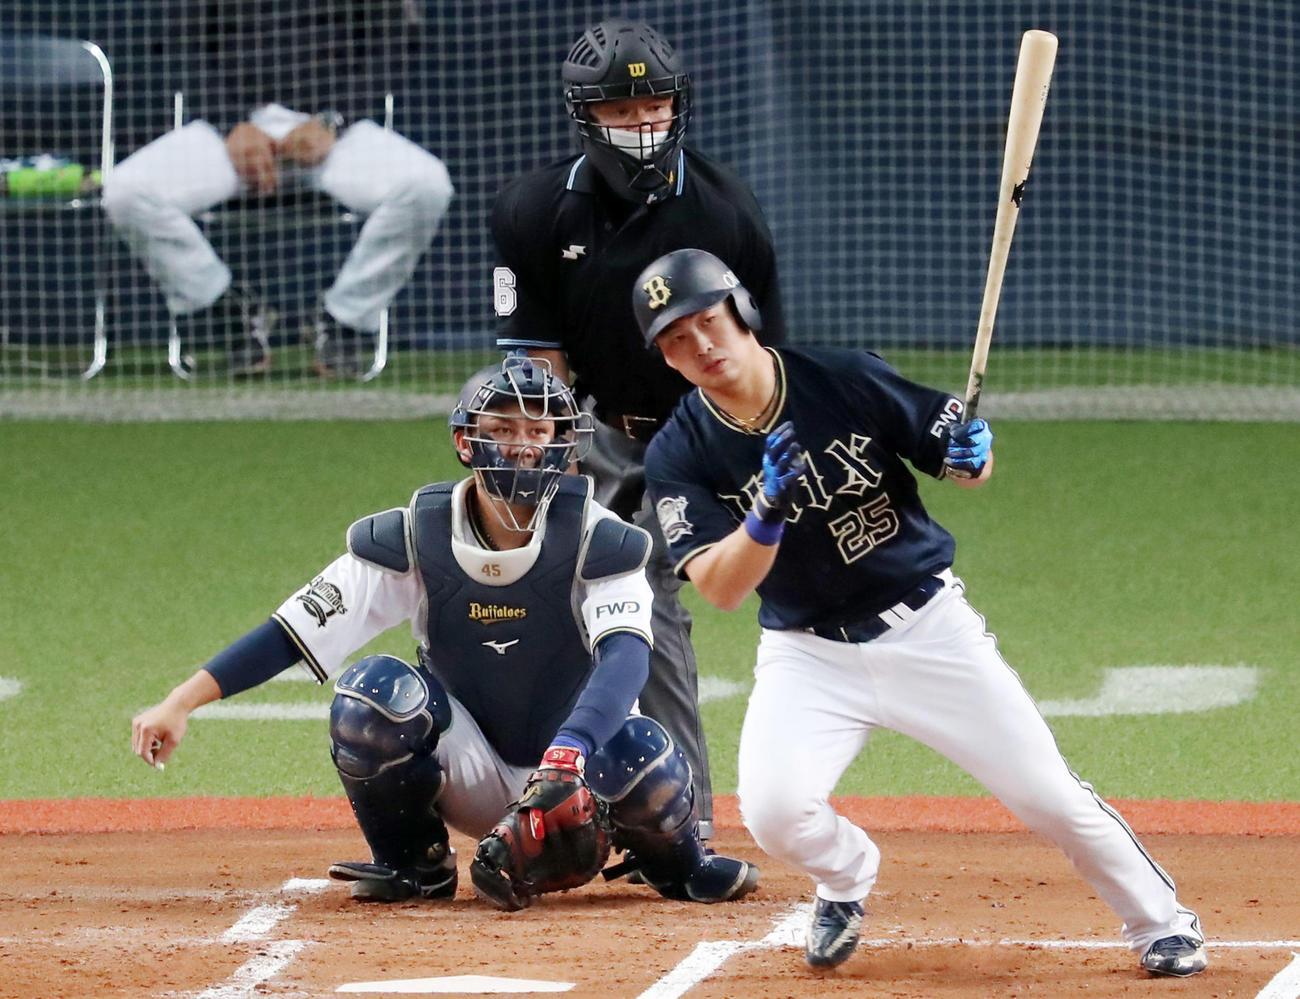 2回表紅組無死、西村は西村監督(後方左)が見守る前で左前打を放つ(撮影・加藤哉)